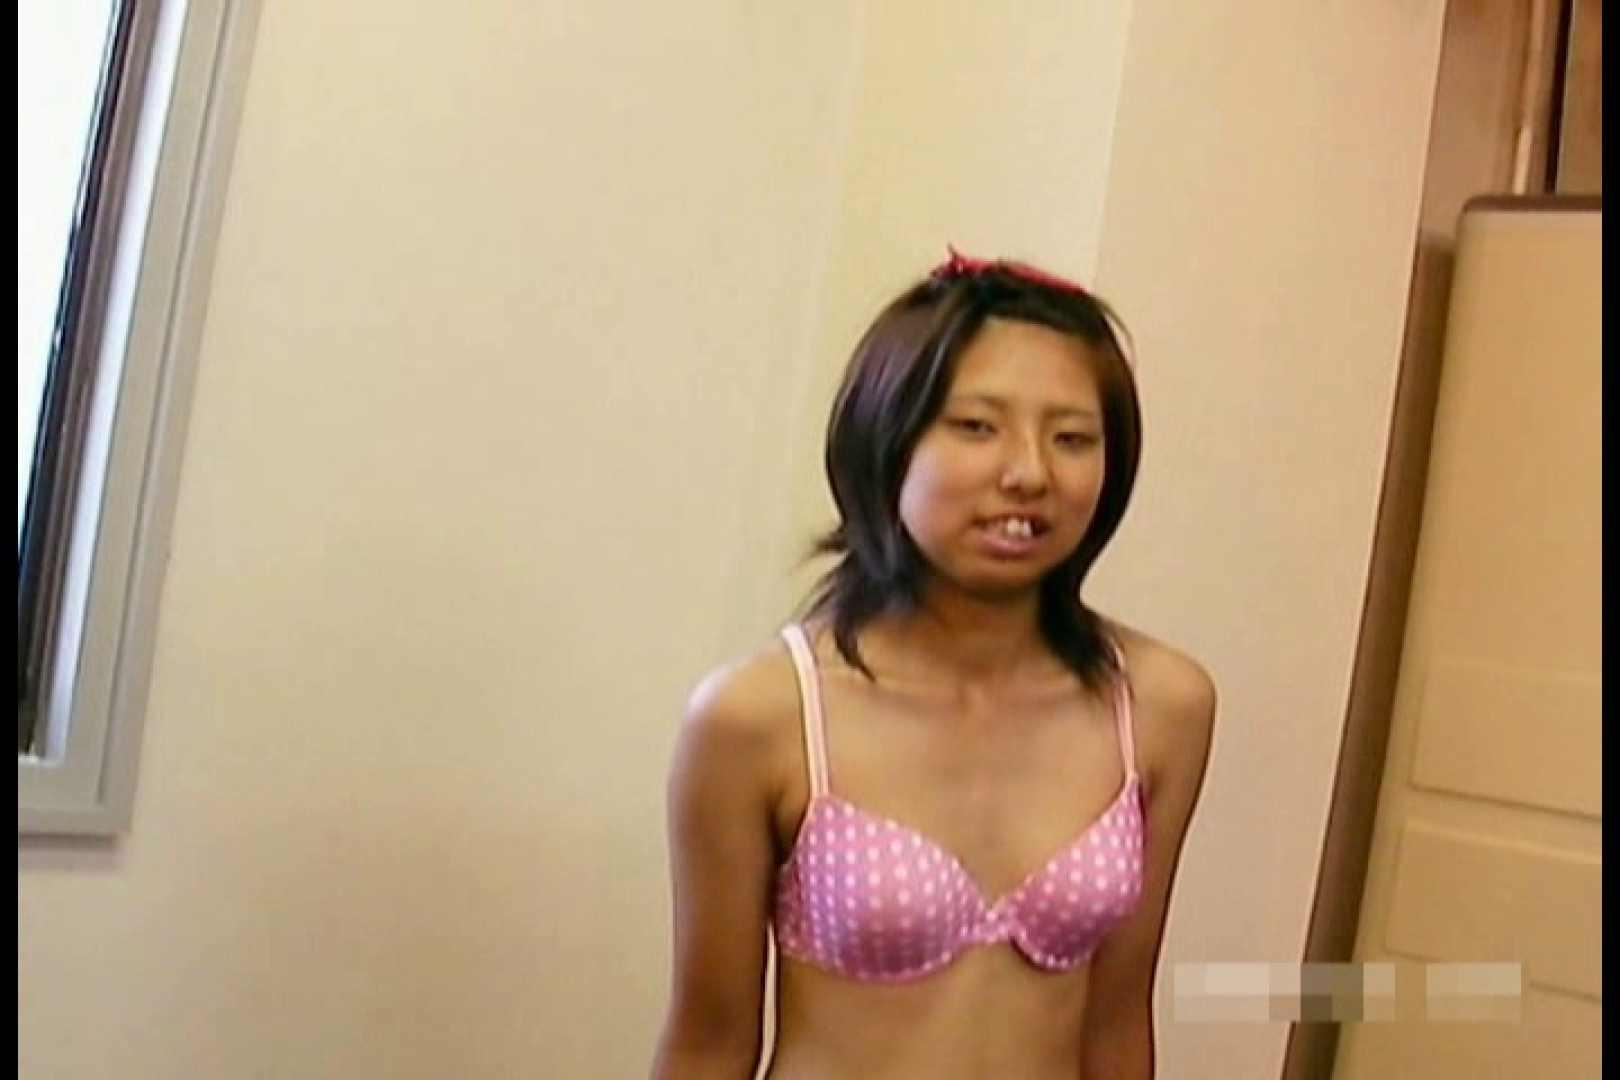 素人撮影 下着だけの撮影のはずが・・・エミちゃん18歳 特撮オマンコ | 水着娘  105連発 33